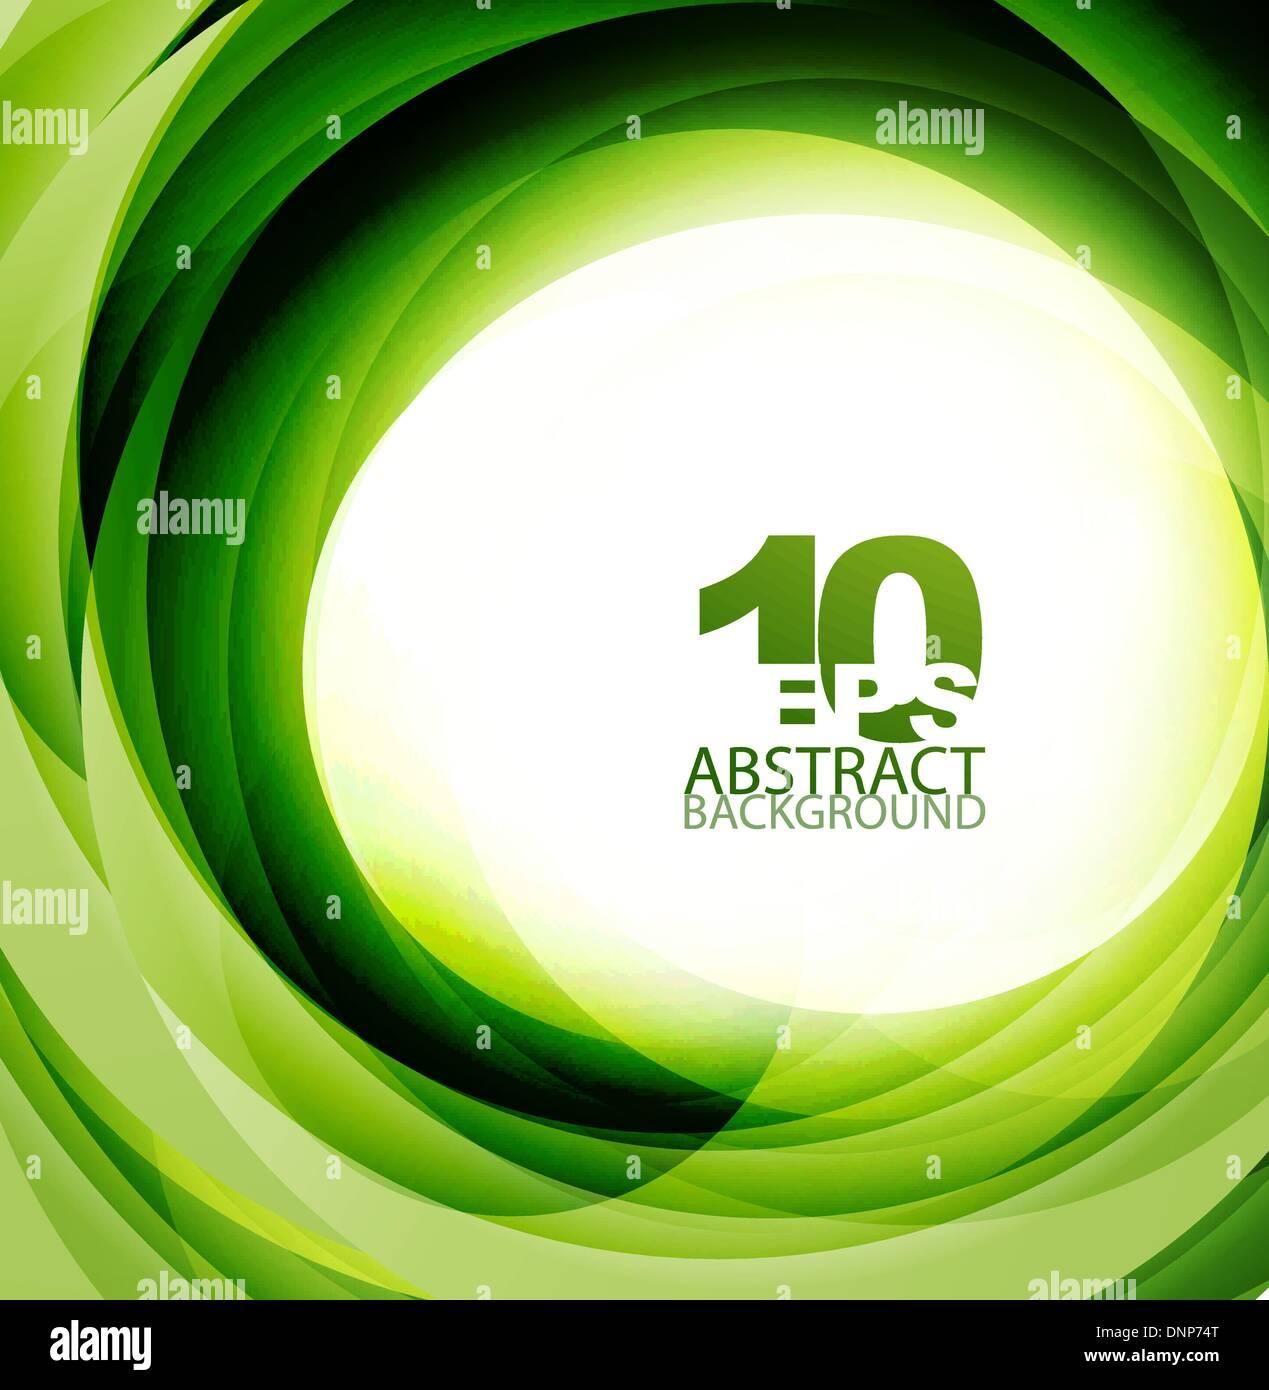 Vettore eco-green swirl sfondo astratto Immagini Stock